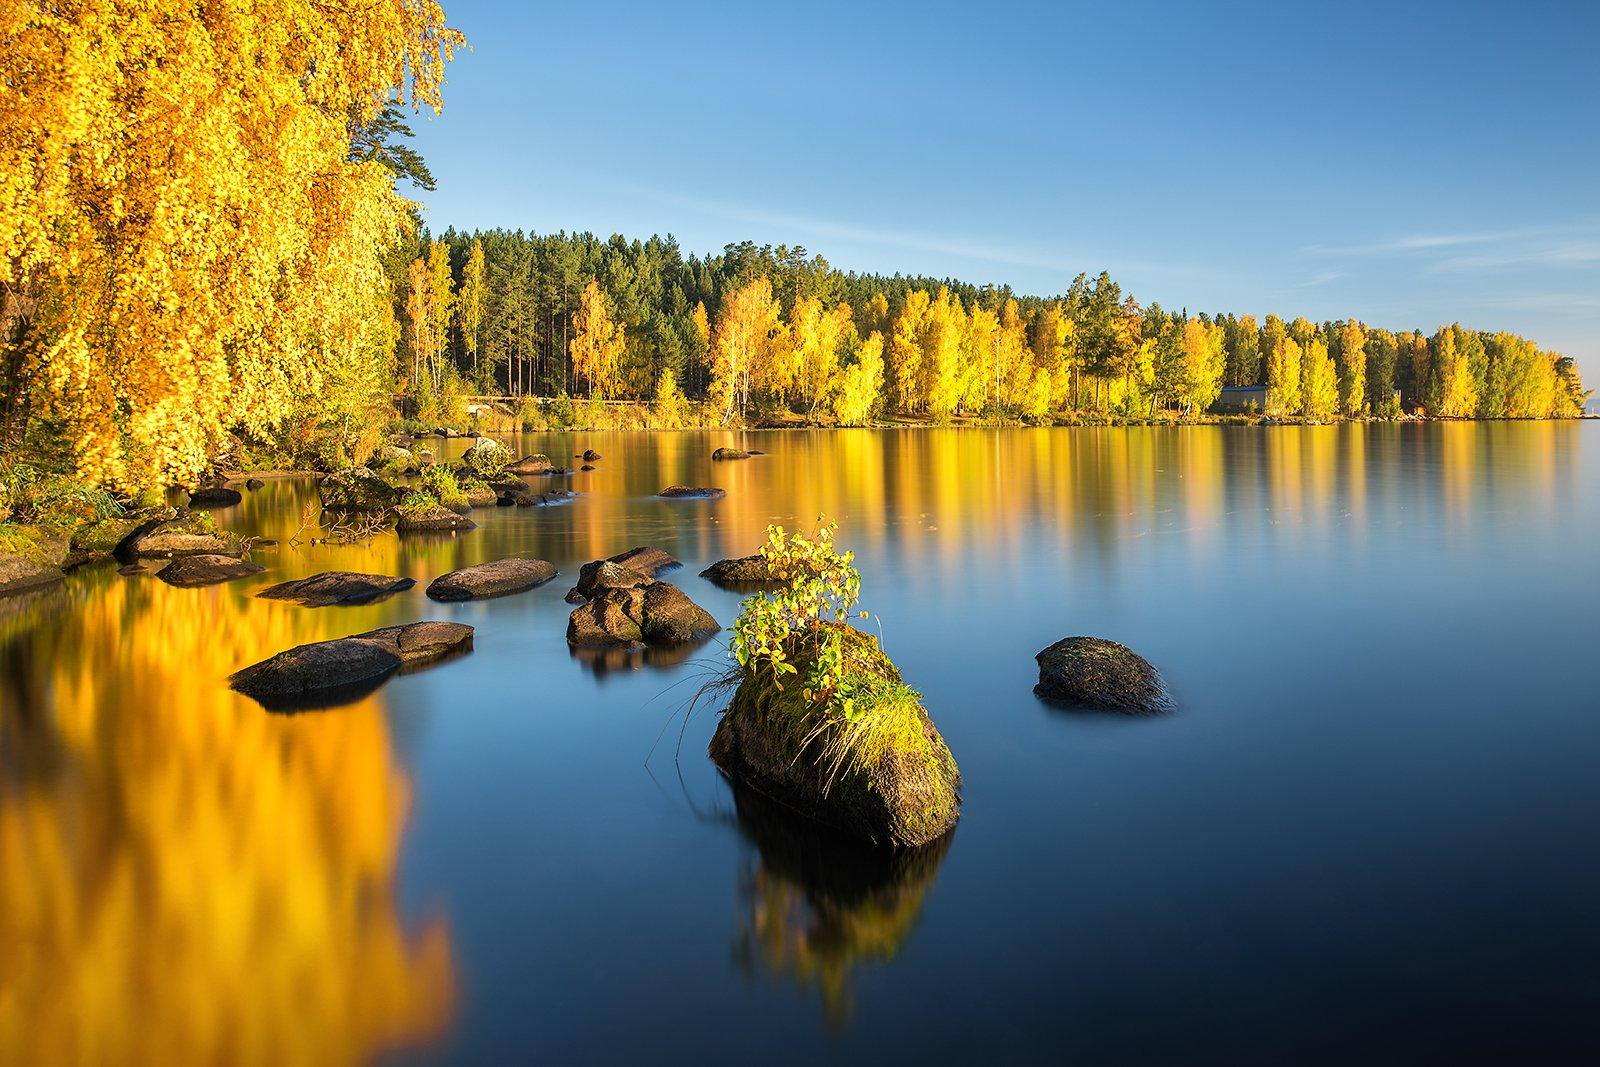 осень, таватуй, озеро, урал, Василий Яковлев